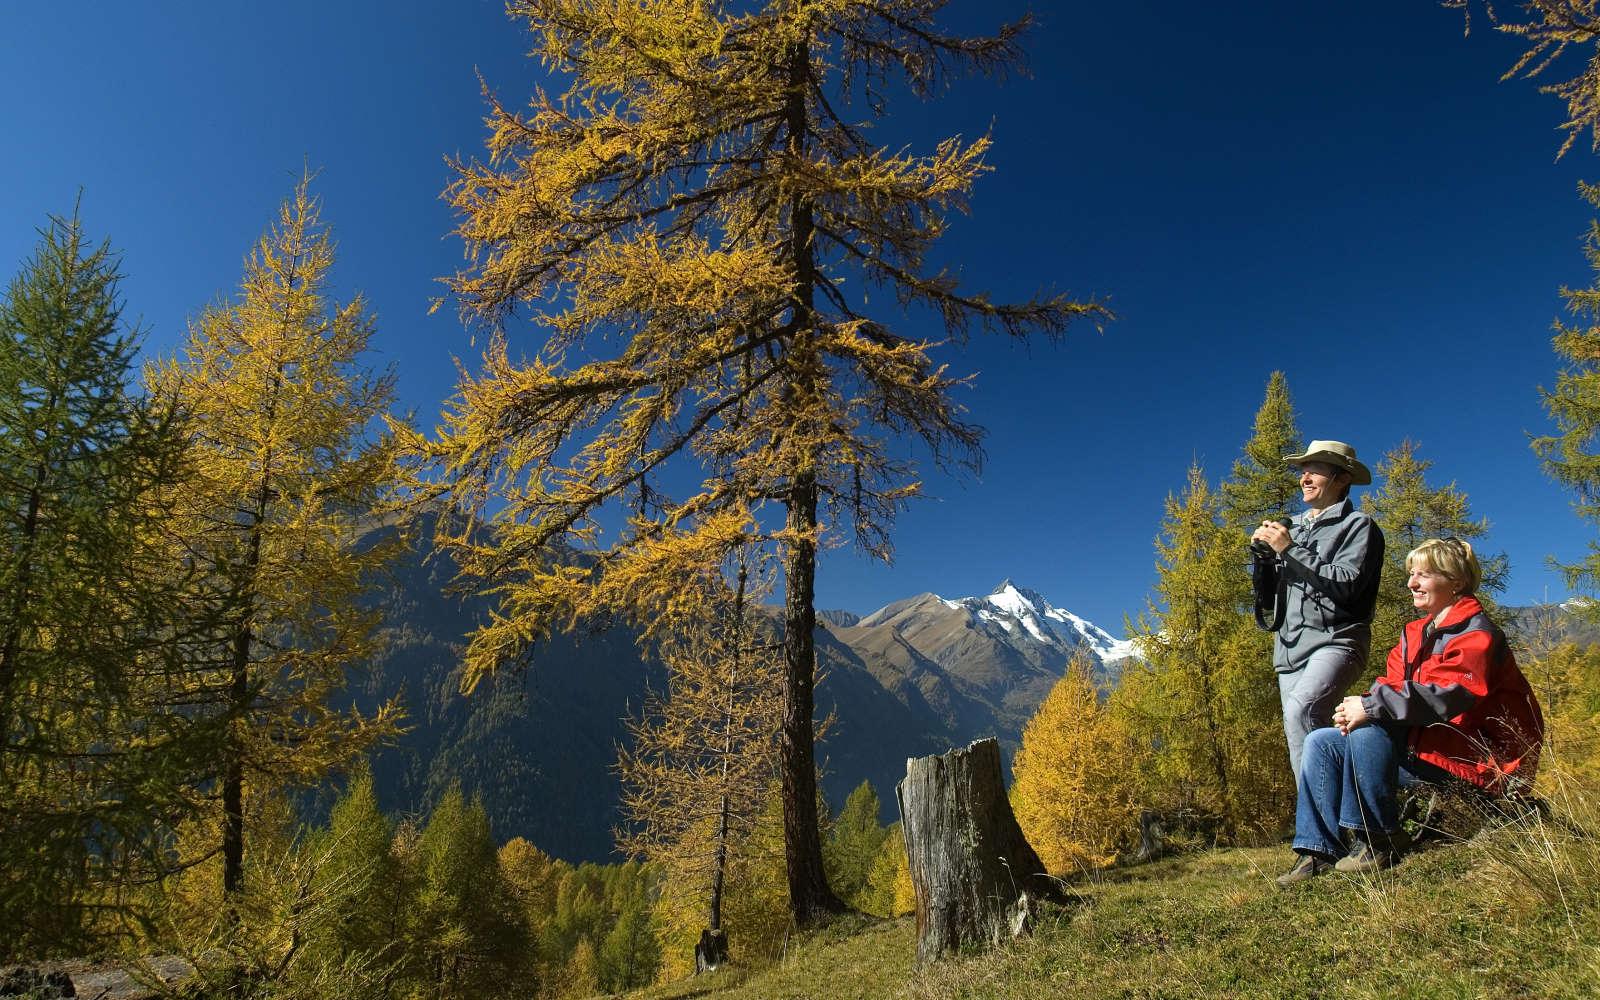 Wandervoll ... mit Bergschuhen, Stöcken und guter Laune